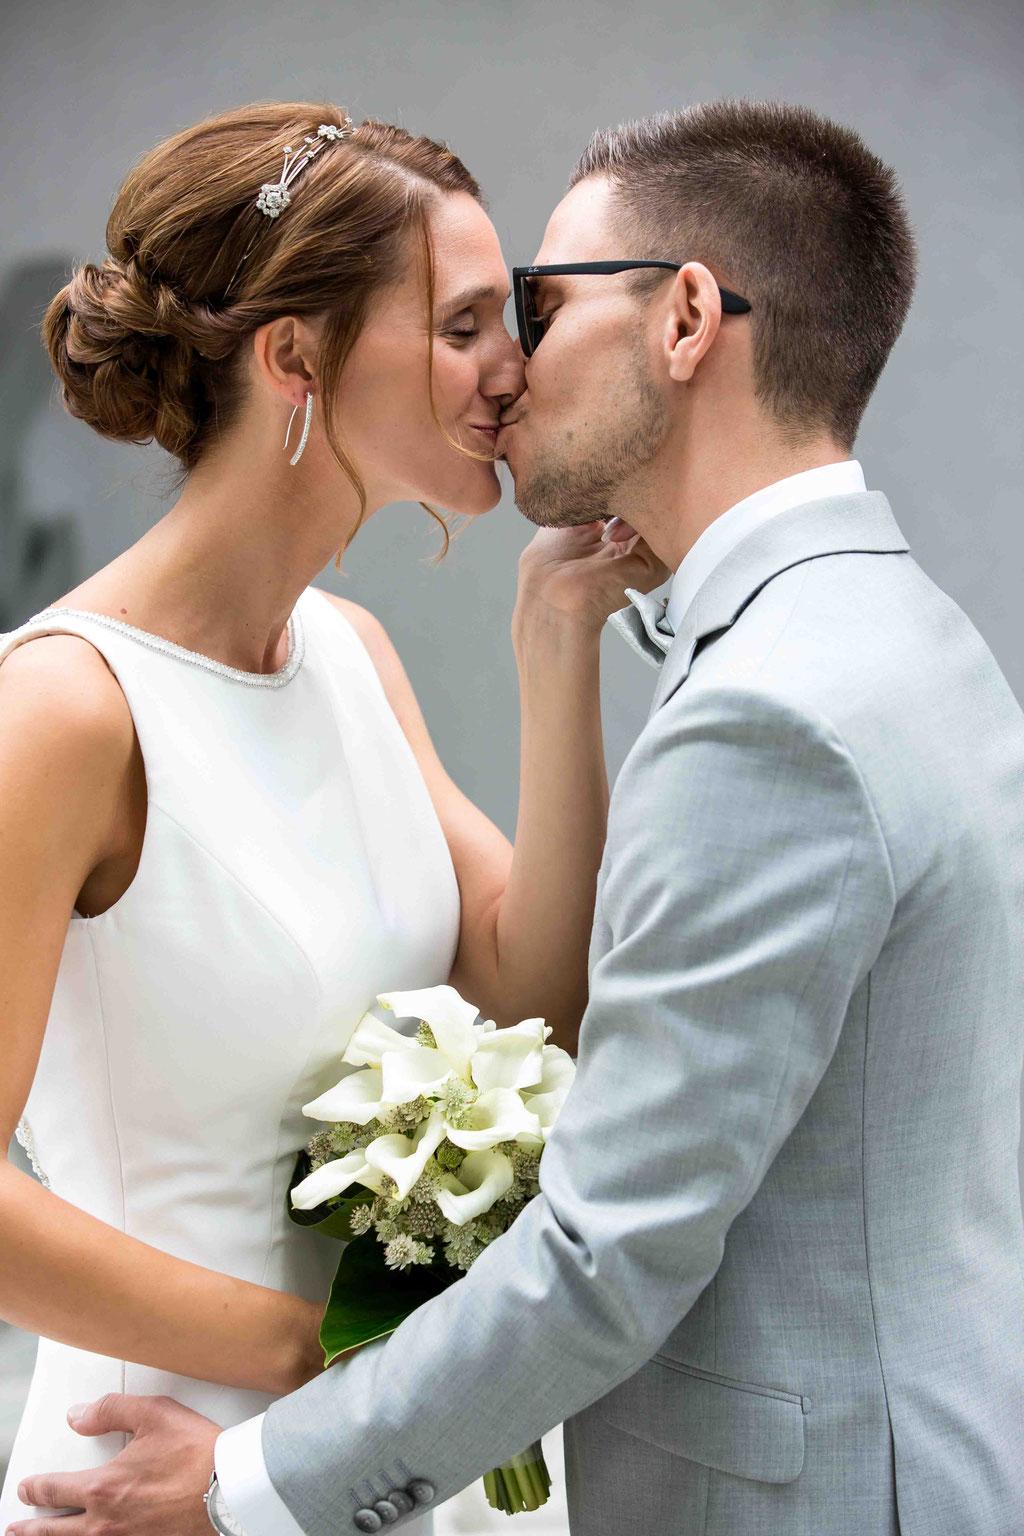 Hochzeitsfotograf, Steffens Herrenmühle - Herrenmühle 4, 3755 Alzenau, Hochzeitsreportage, Hochzeitsfotos, Innige Liebe Hochzeitsbild, Hochzeitsfoto liebendes Paar, Bilder des Hochzeitspaars, Hochzeitspaar Fotoshooting